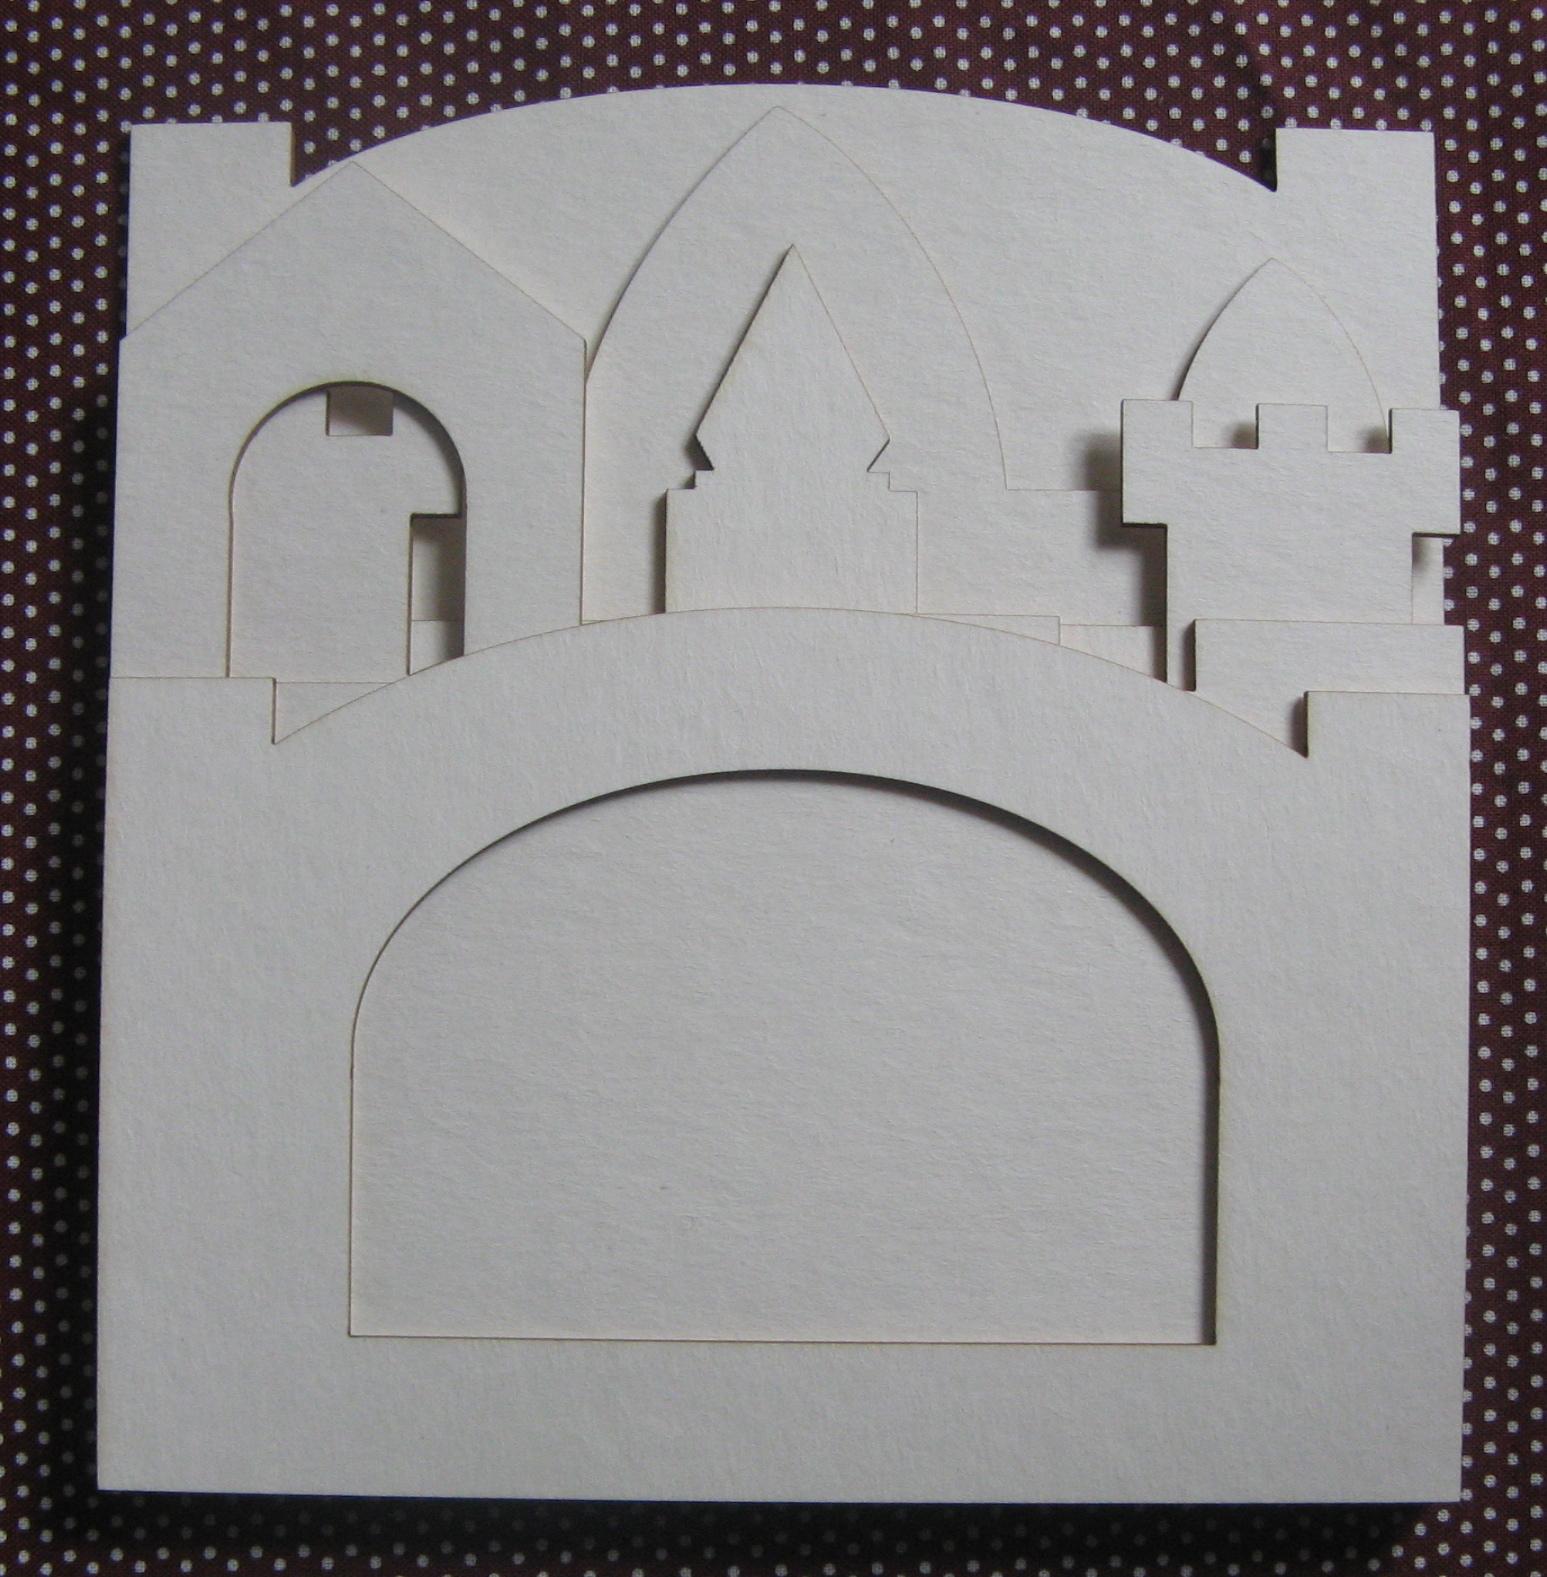 Шаблон открытки замка, картинка для рабочего